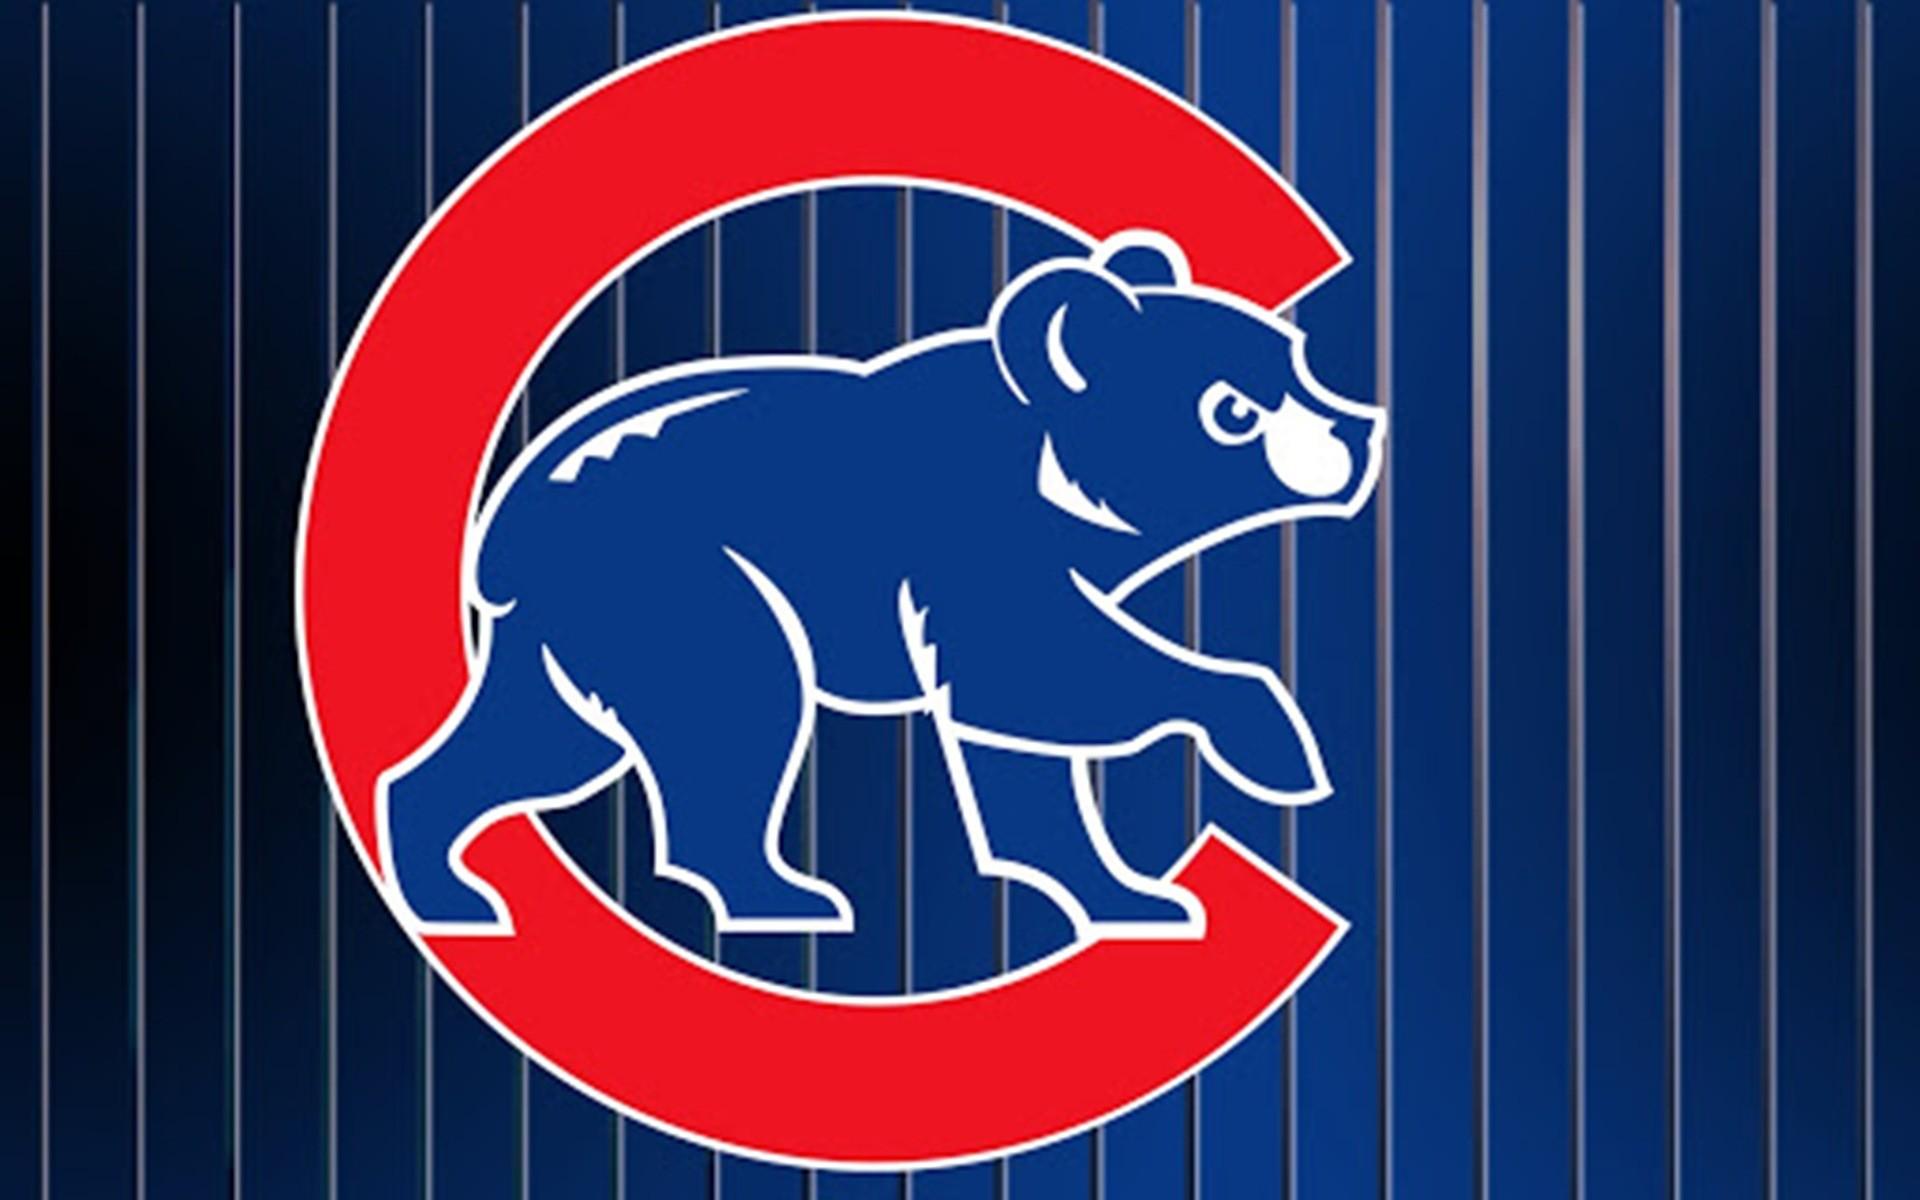 … chicago cubs wallpaper for phones wallpapersafari …